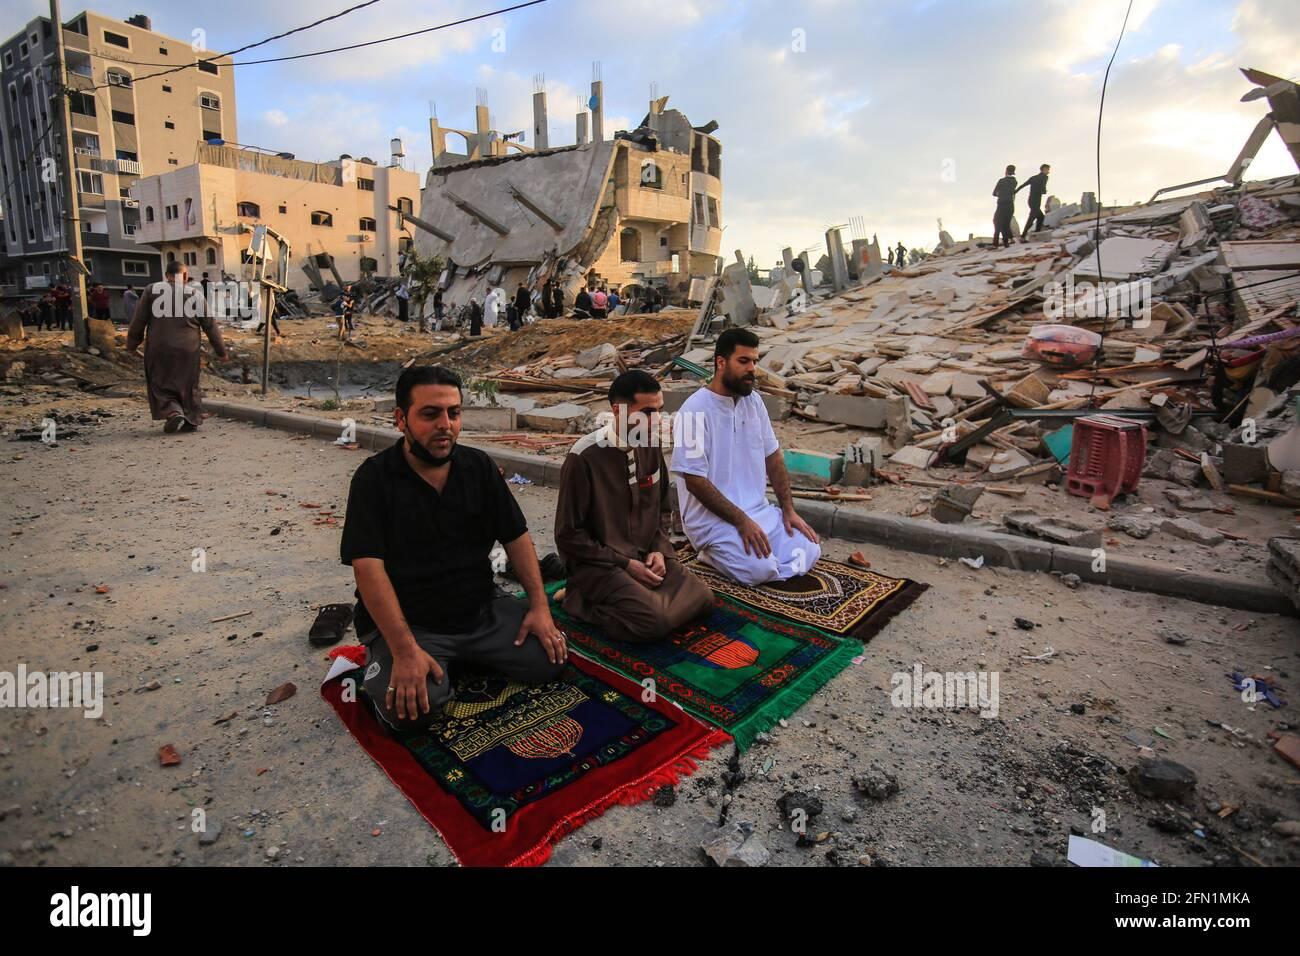 Der Gazastreifen, Palästina, Palästina. Mai 2021. Gaza-Stadt nach schwerer Nacht der Bombardierung israelischer Kampfflugzeuge Kredit: Mahmoud Khattab/Quds Net News/ZUMA Wire/Alamy Live News Stockfoto